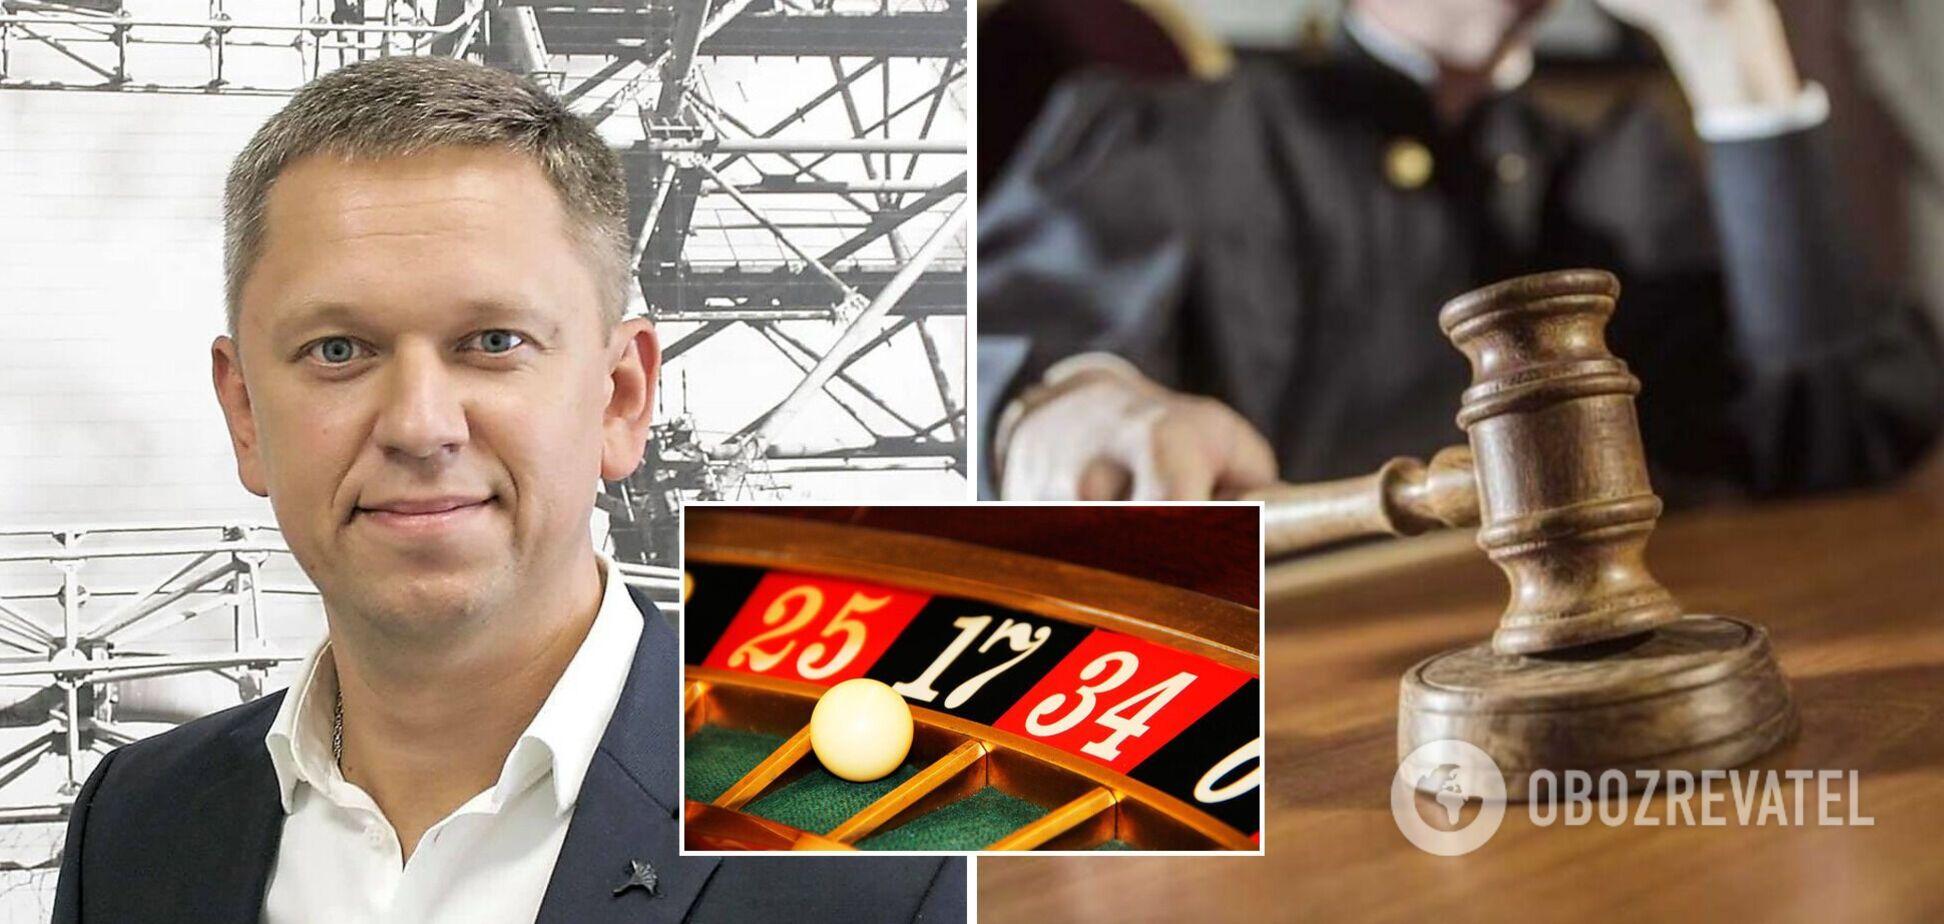 За члена Комиссии по азартным играм, пойманного на взятке, внесли залог: появились подробности